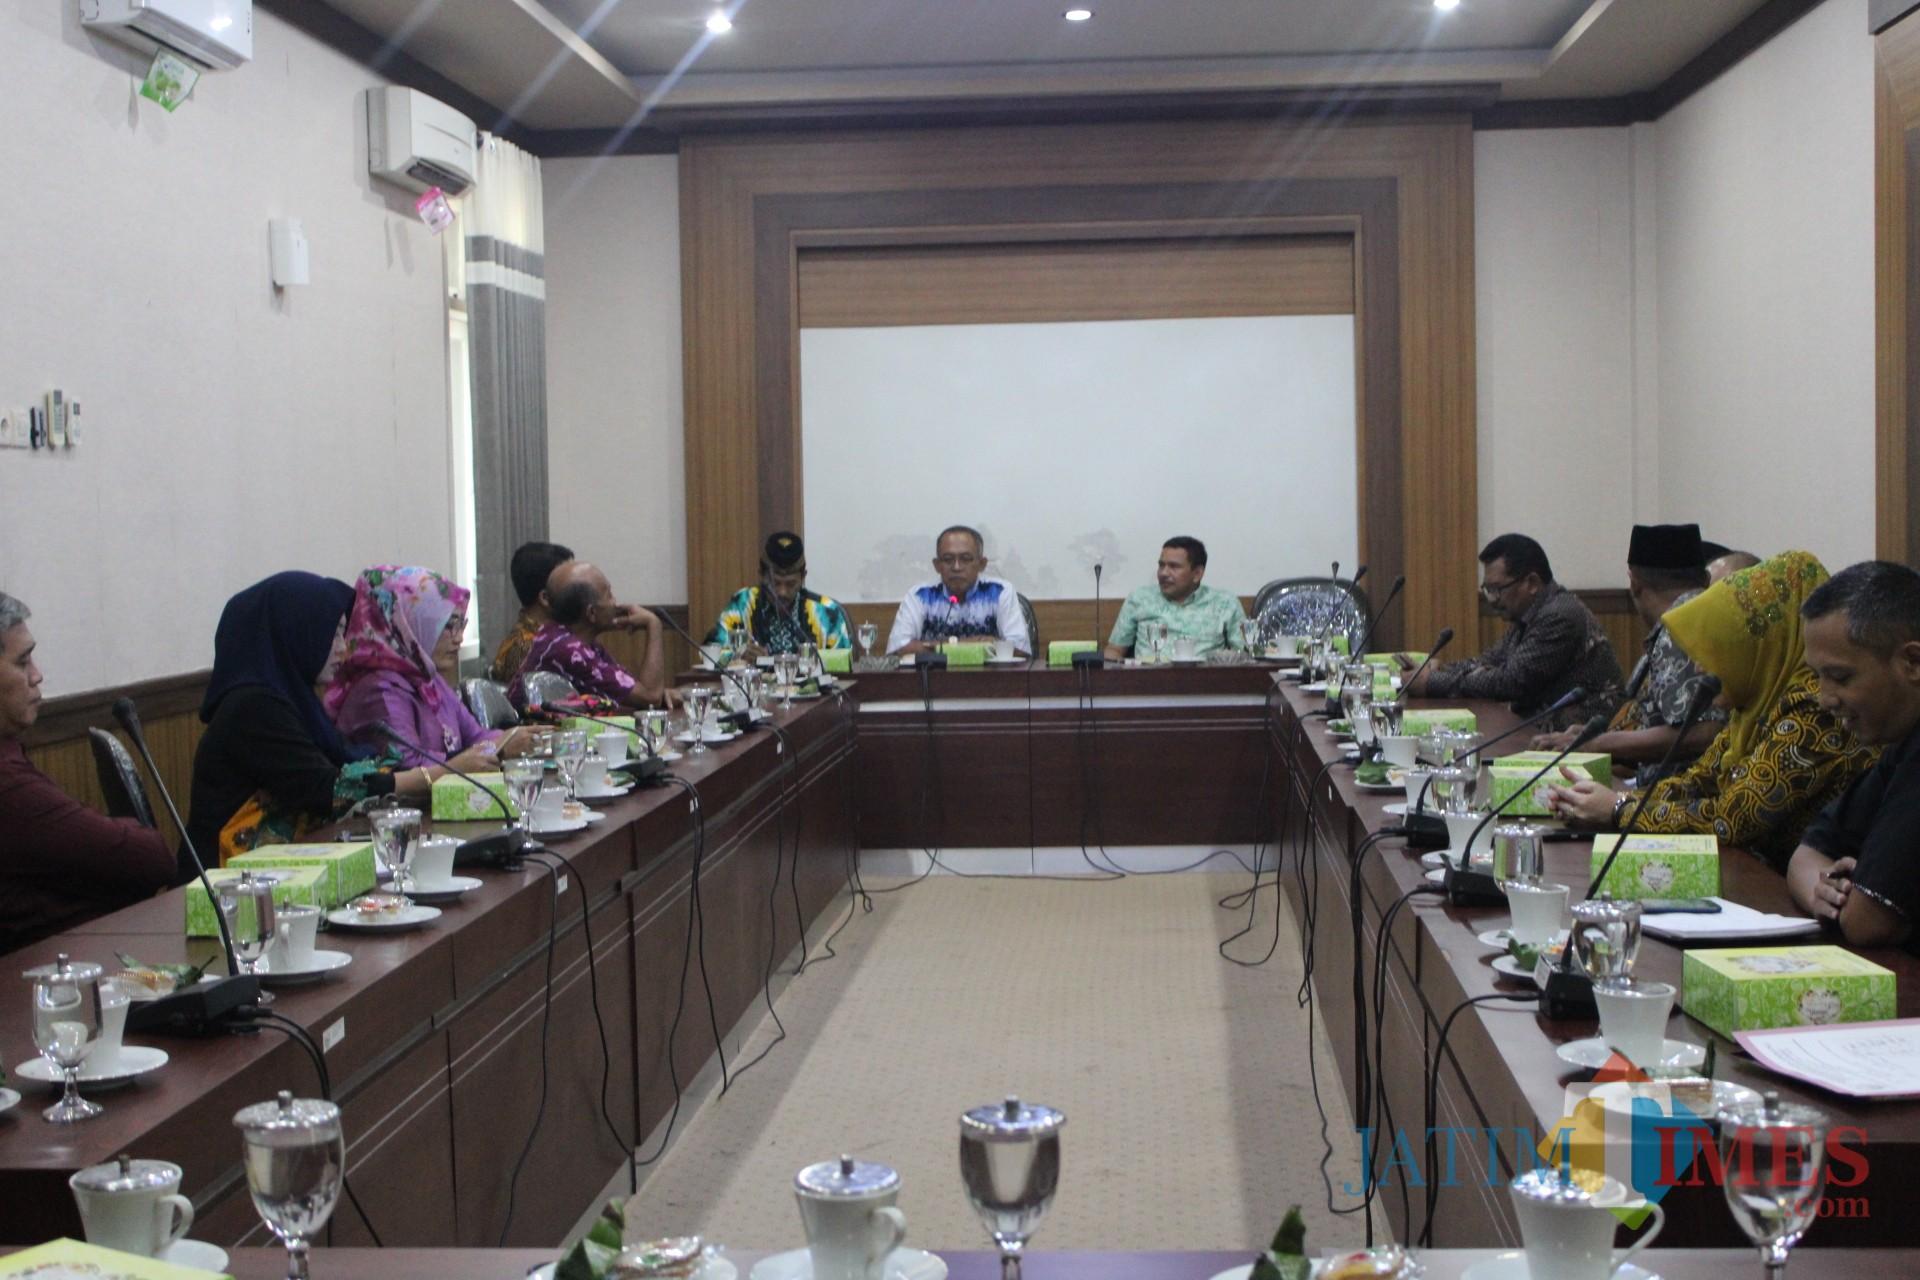 Pertemuan DPRD Kabupaten Jombang dengan DPRD Kota Mojokerto dan DPRD Kabupaten Magelang di ruang rapat Banggar DPRD Jombang. (Foto : Adi Rosul / JombangTIMES)